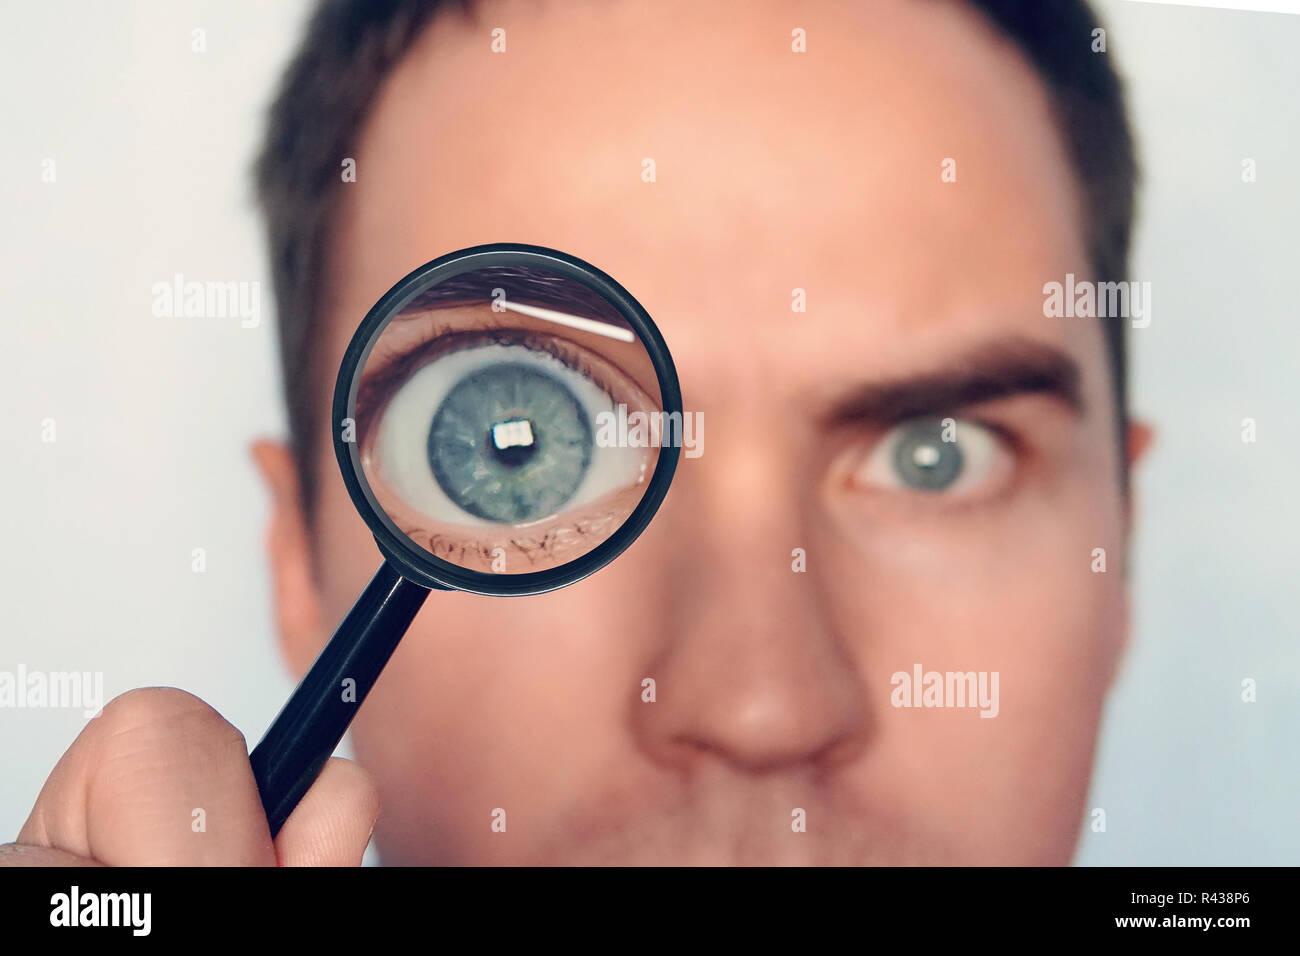 Nahaufnahme des Gesichts des Mannes mit der Lupe in der Nähe ein Auge auf weißem Hintergrund. Blick auf die Runde menschlichen Auge durch das magnifiying Glas. Neugierige Forscher. Durch die Lupe aufmerksam. Auge konzentrieren. Stockbild